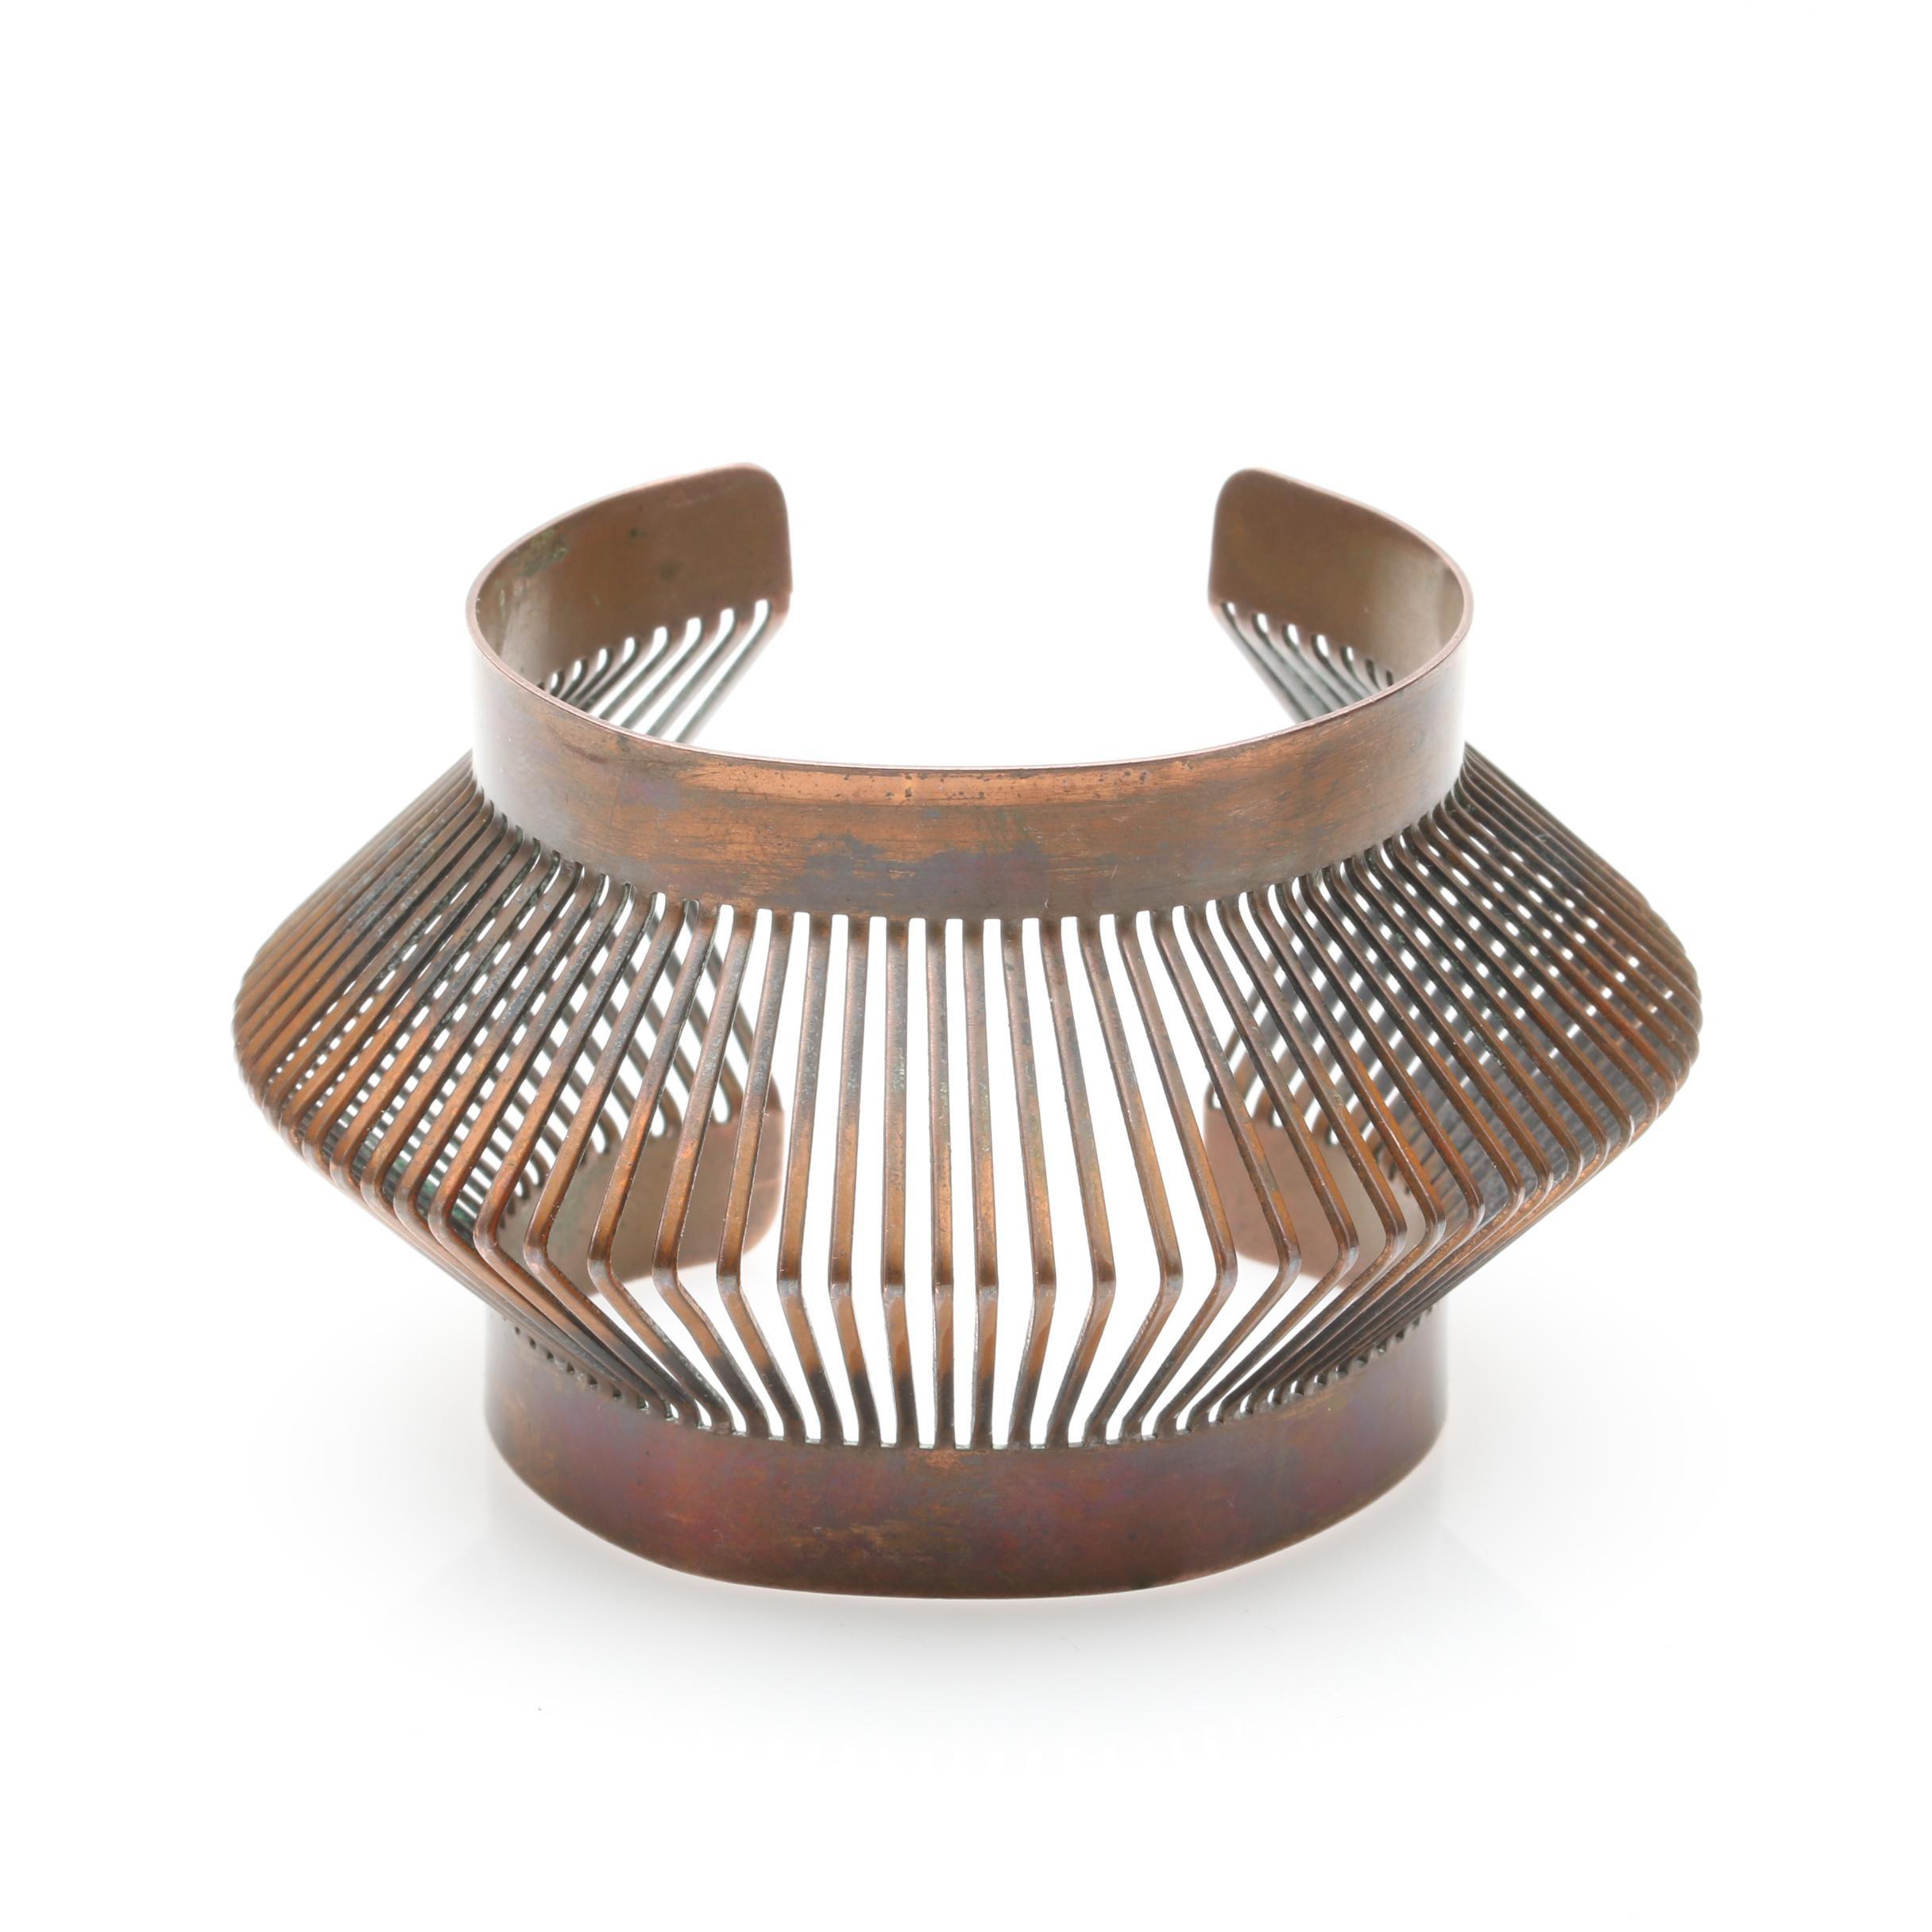 Francisco Rebajes Copper Tone Abstract Cuff Bangle